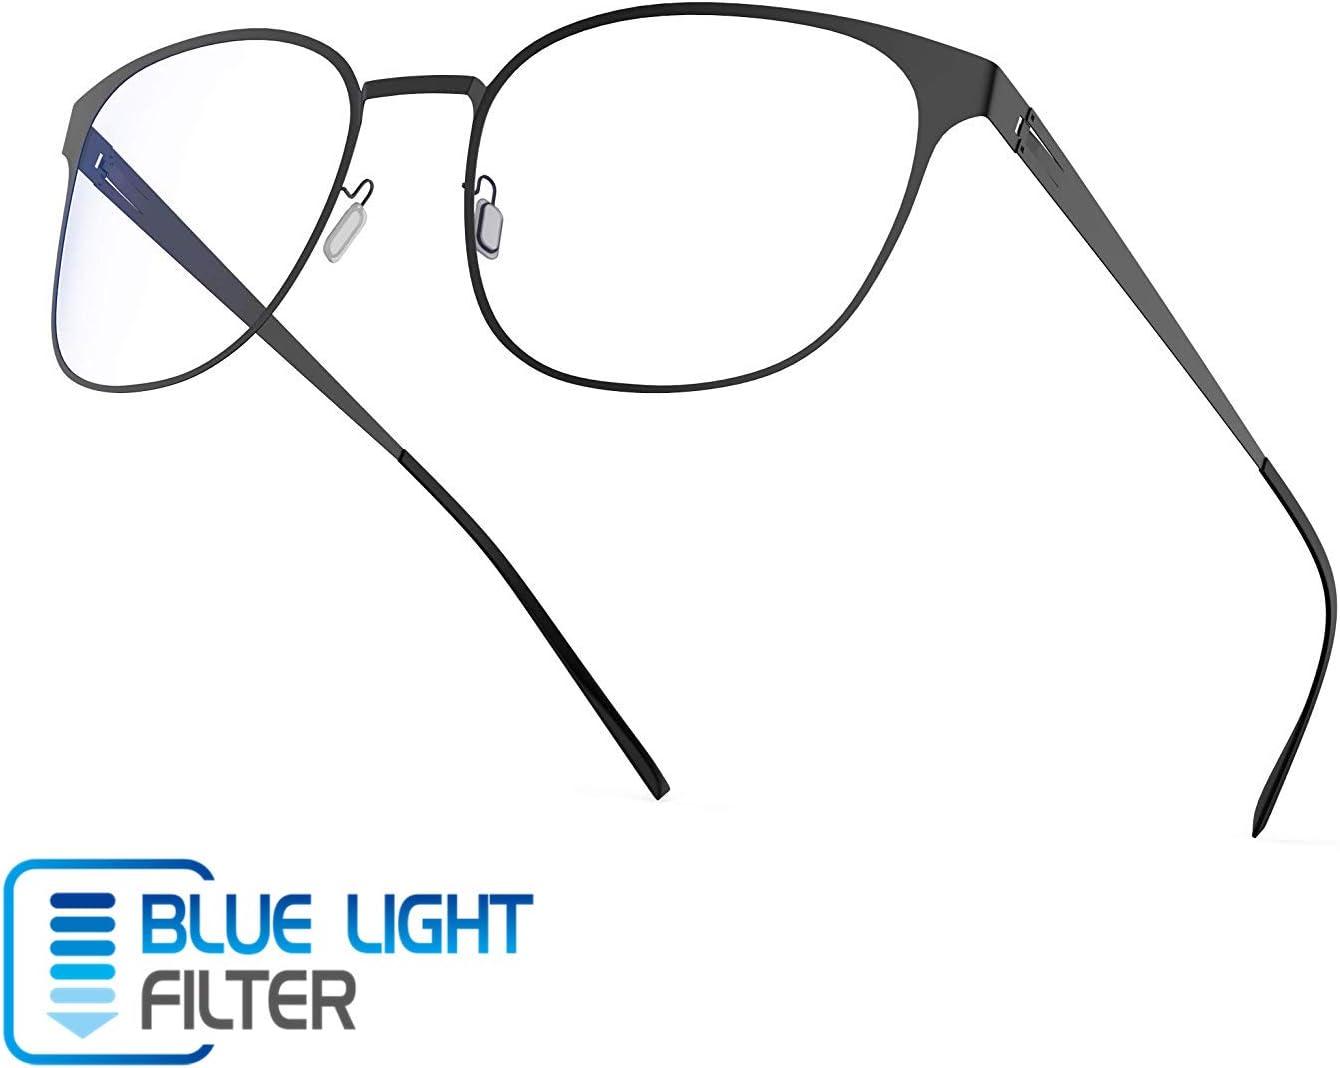 Avoalre Gafas Lectura Transparentes Hombre/Mujer Gafas Anti Luz Azul Gafas para Ordenador Gaming PC Officina Video Juegos Tele DVD Gafas de Sol Unisexo- Negro